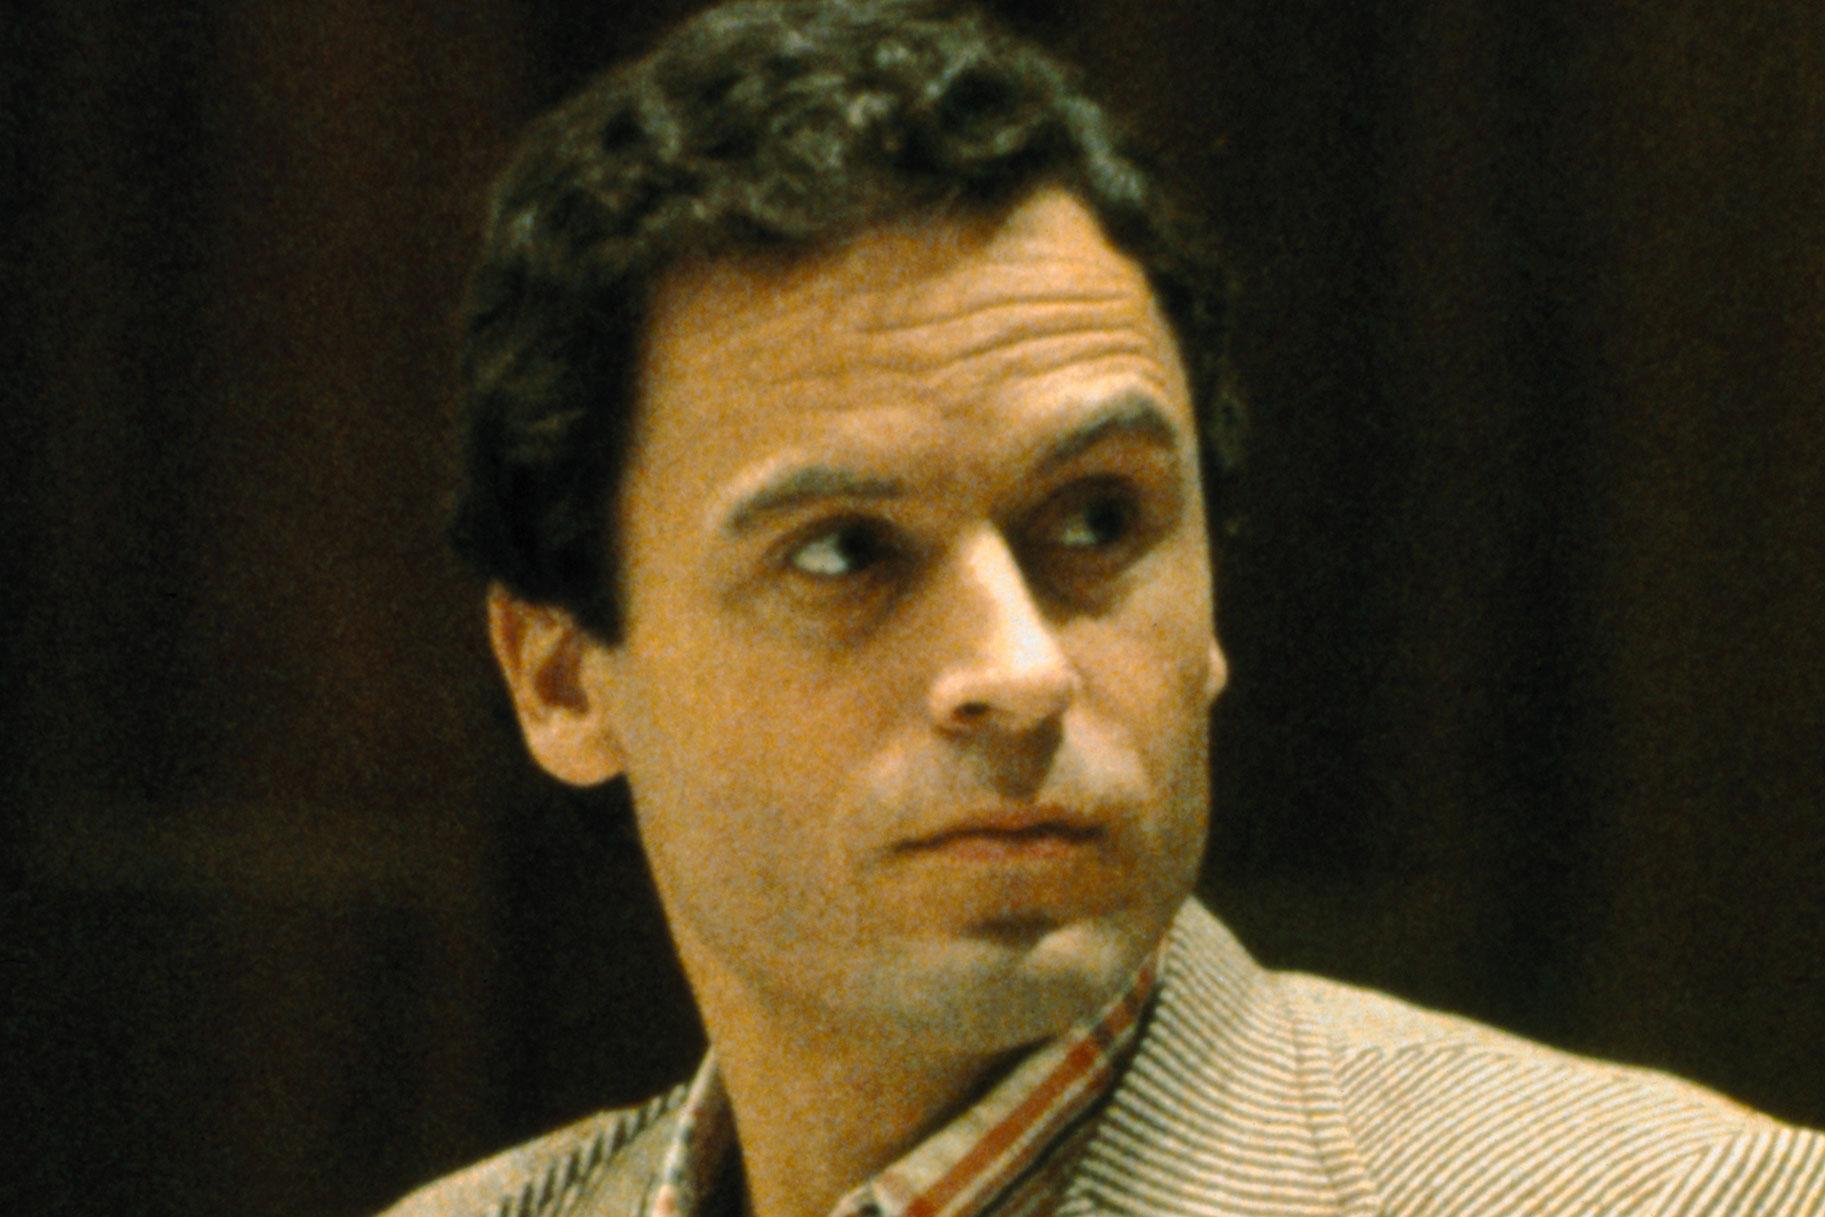 Kas Ted Bundyl oli õigus? Kas võimud kasutasid sarimõrvarit poliitilise kasu saavutamiseks?